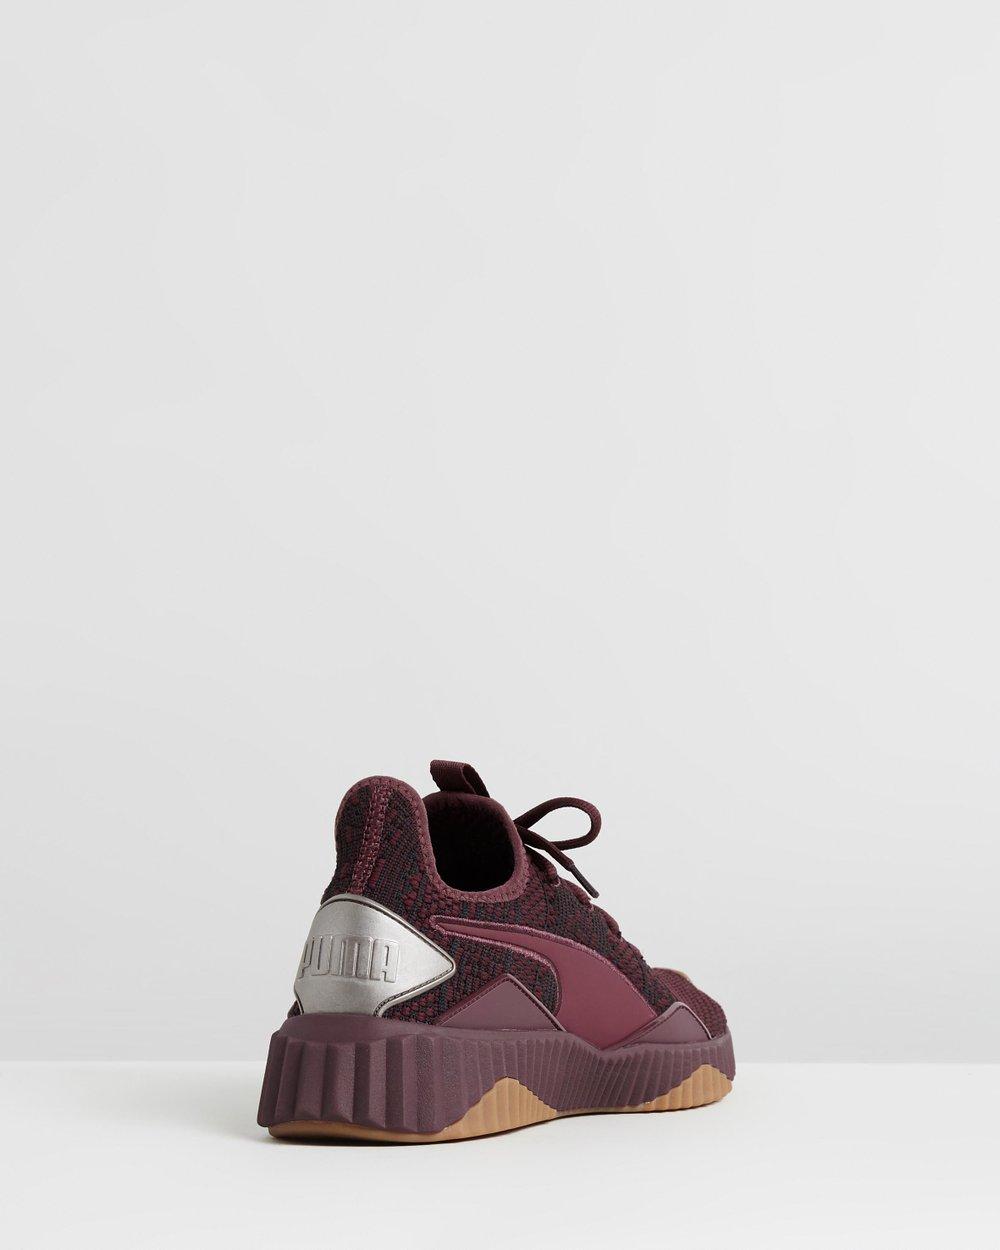 907e71c351e20c Defy Luxe Sneakers - Women s by Puma Online